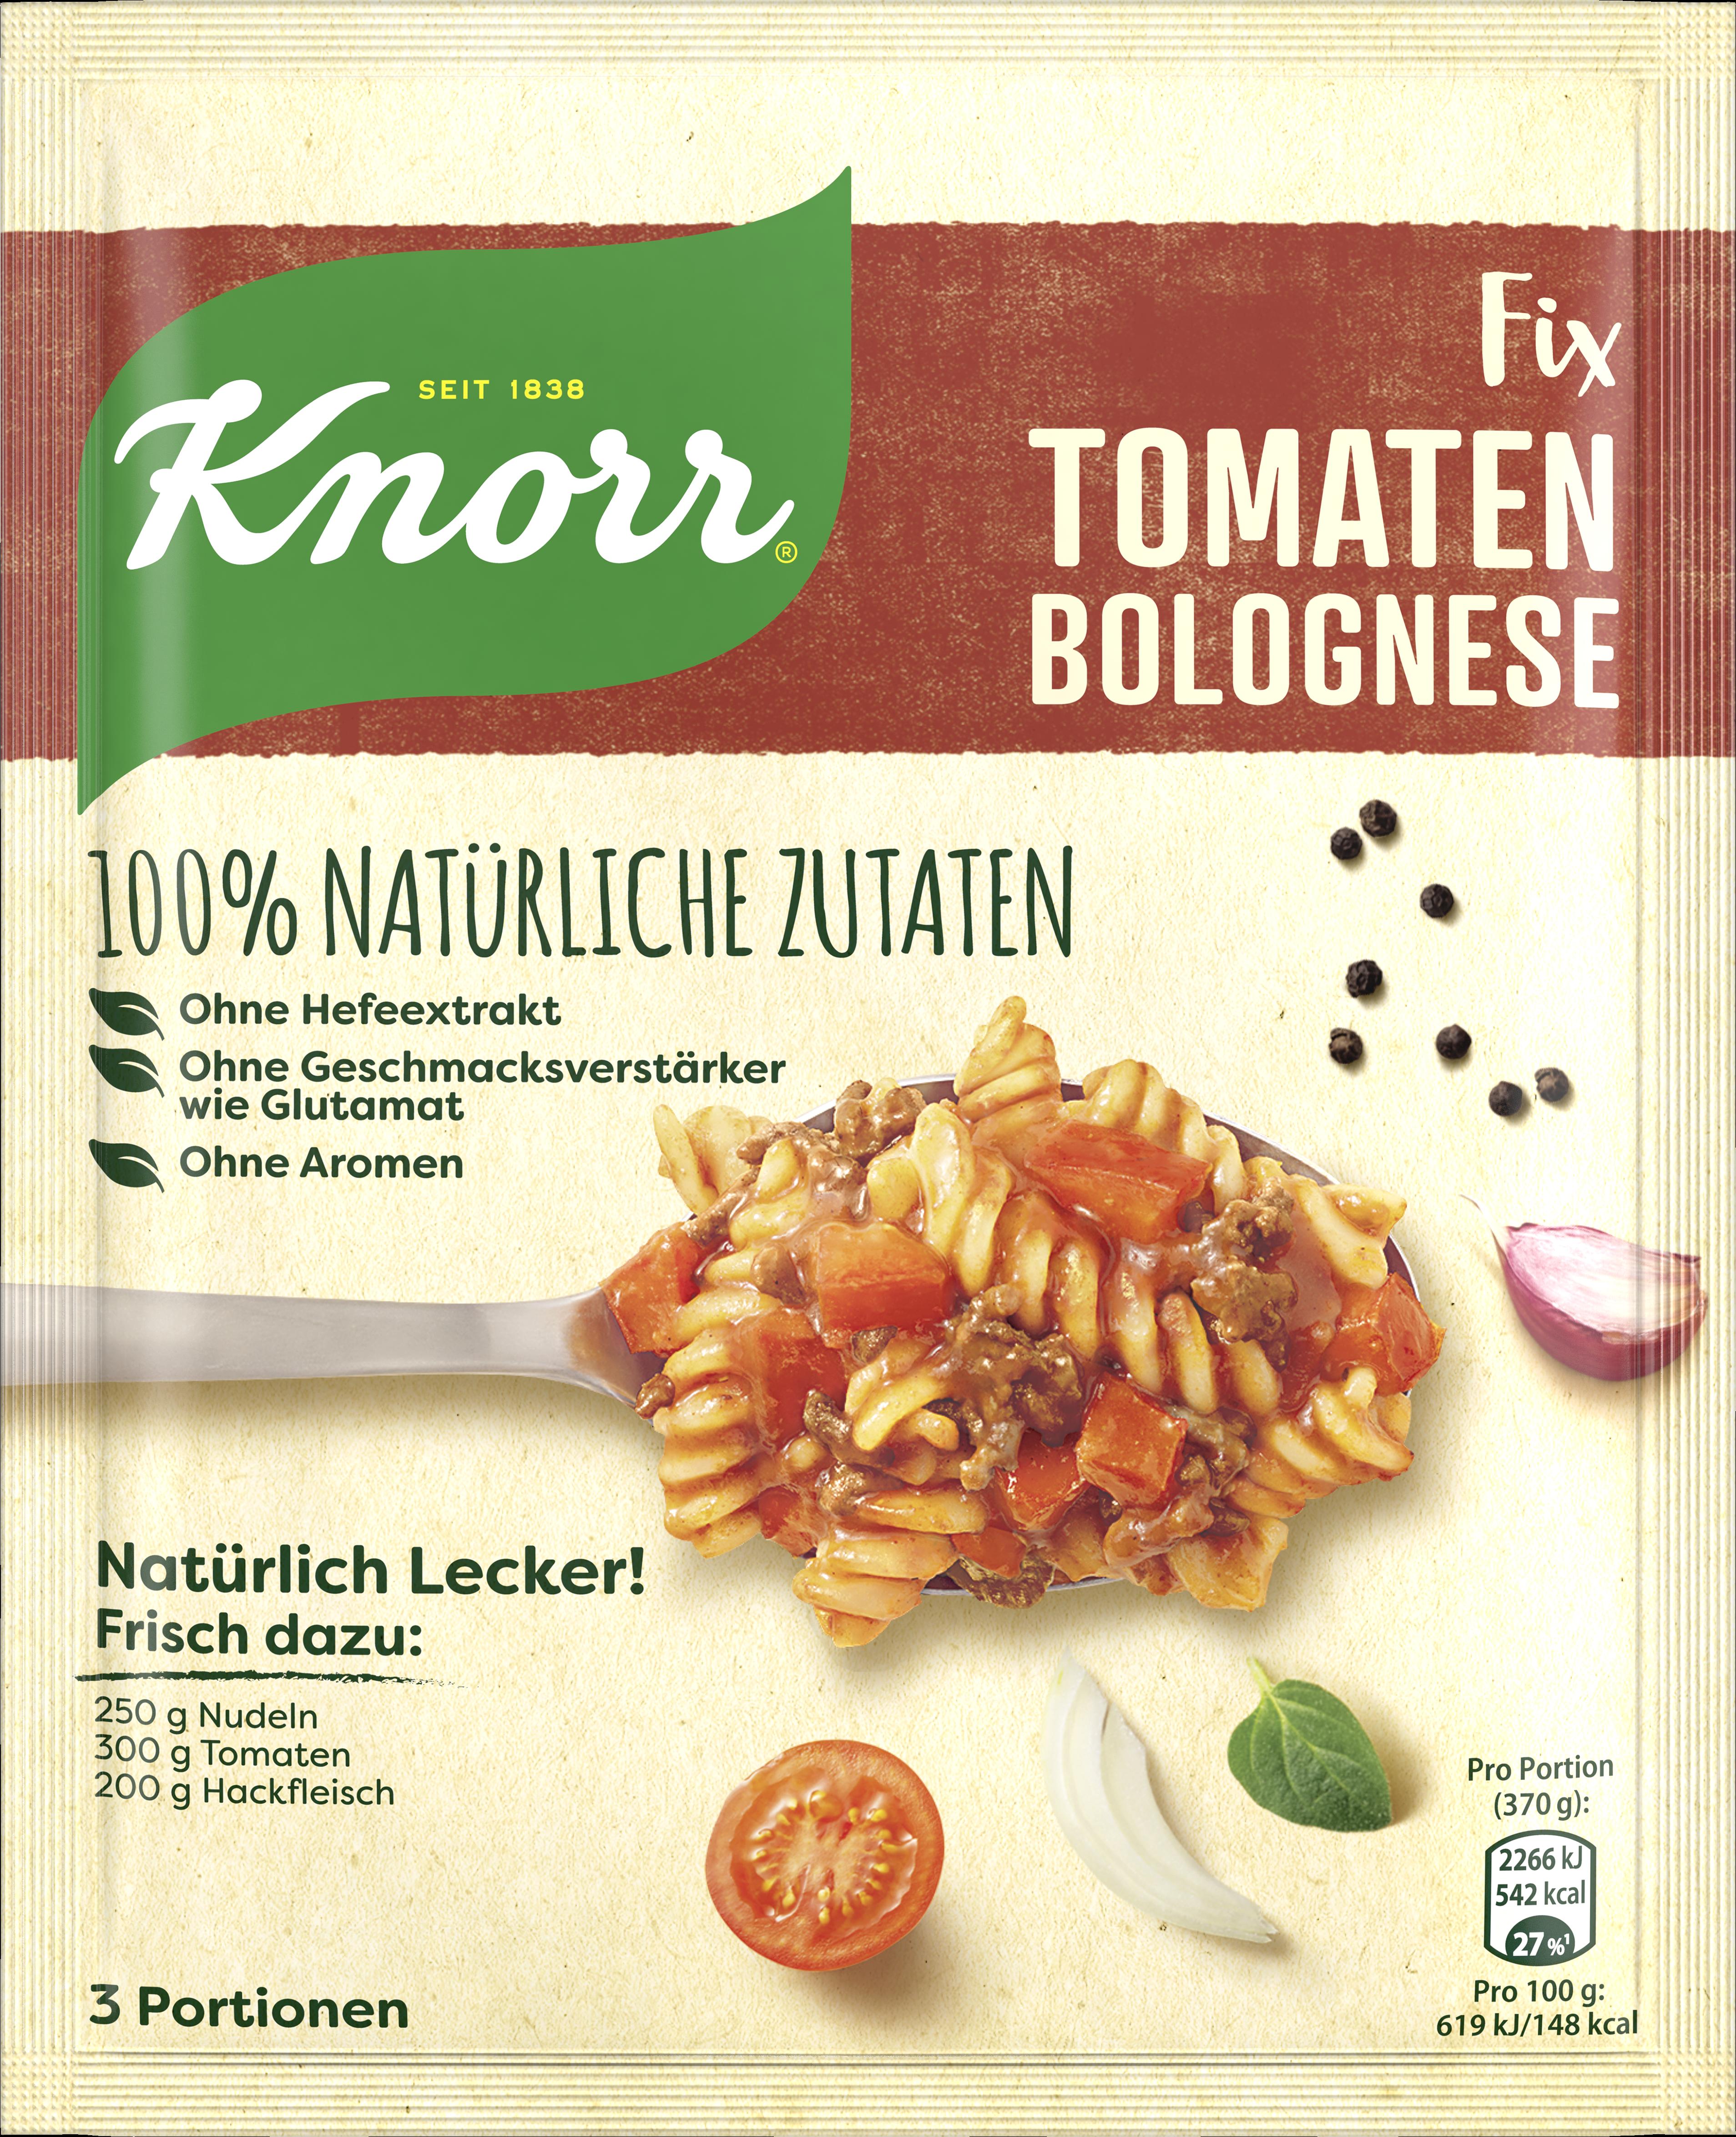 Knorr Nat Tom Bolognes 19x 44g BT